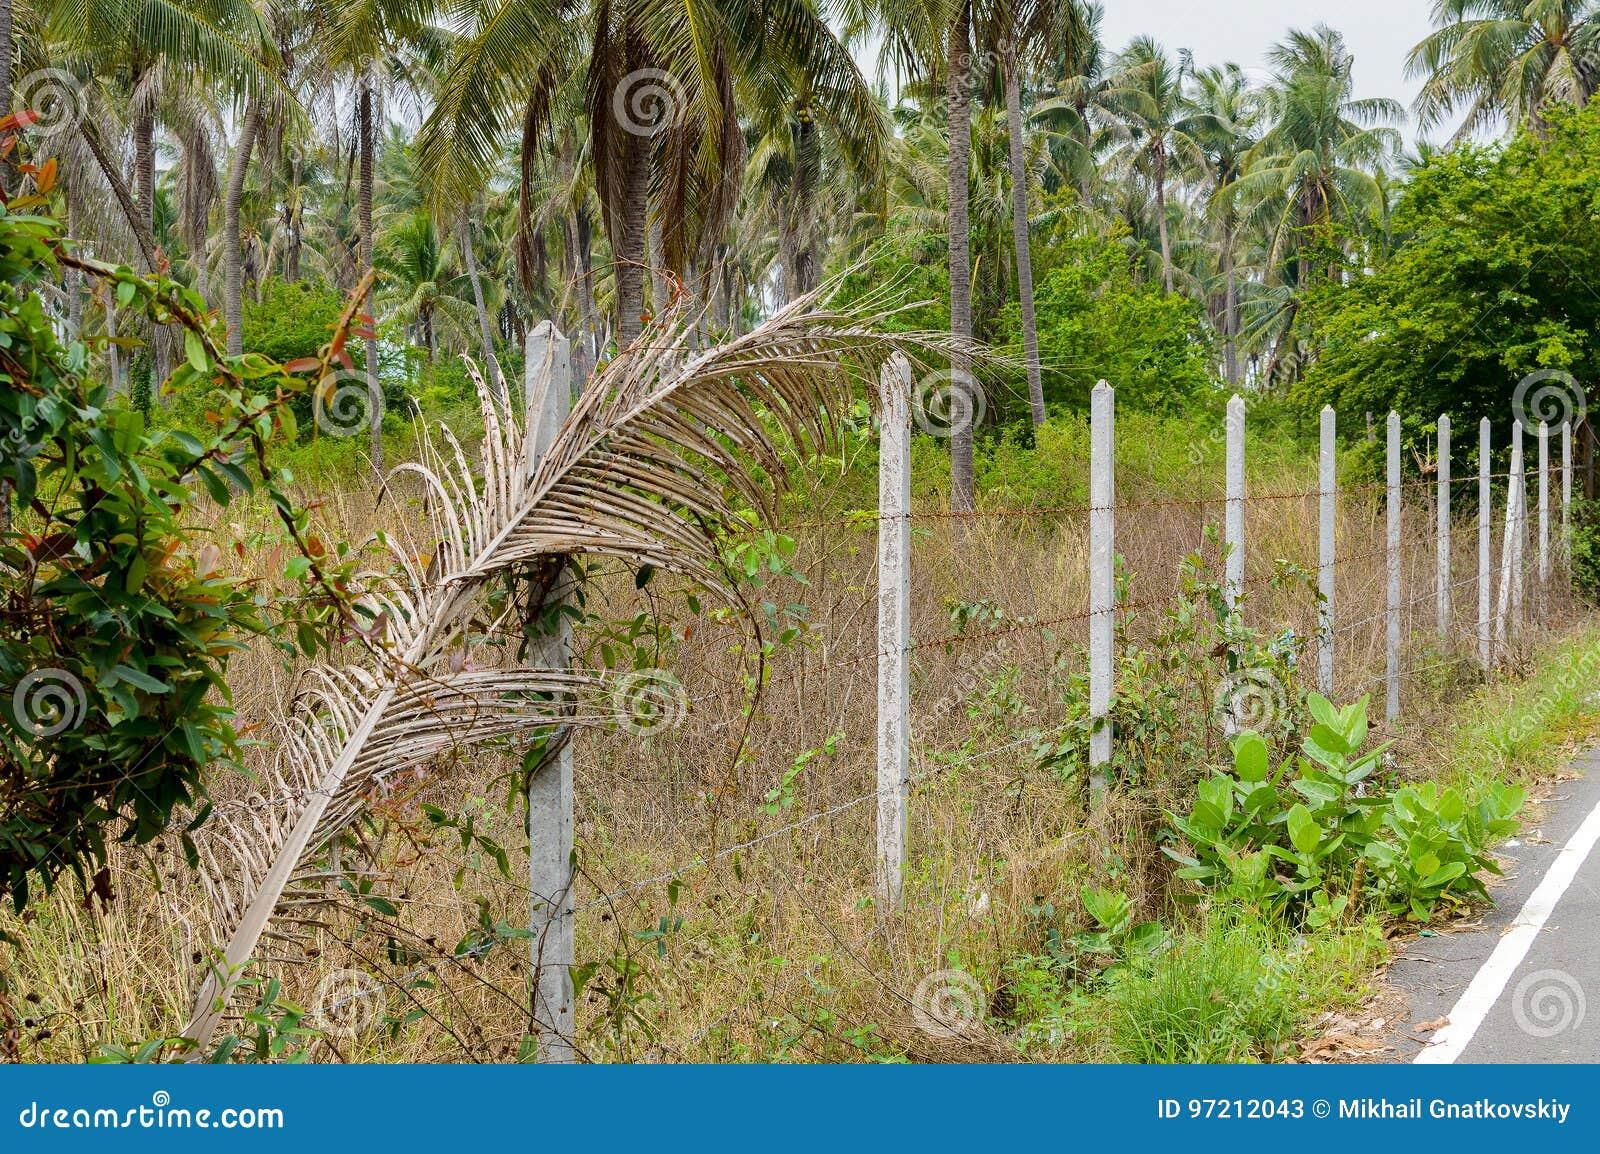 Die Ausgerichteten Betonpfosten Errichten Einen Zaun Des